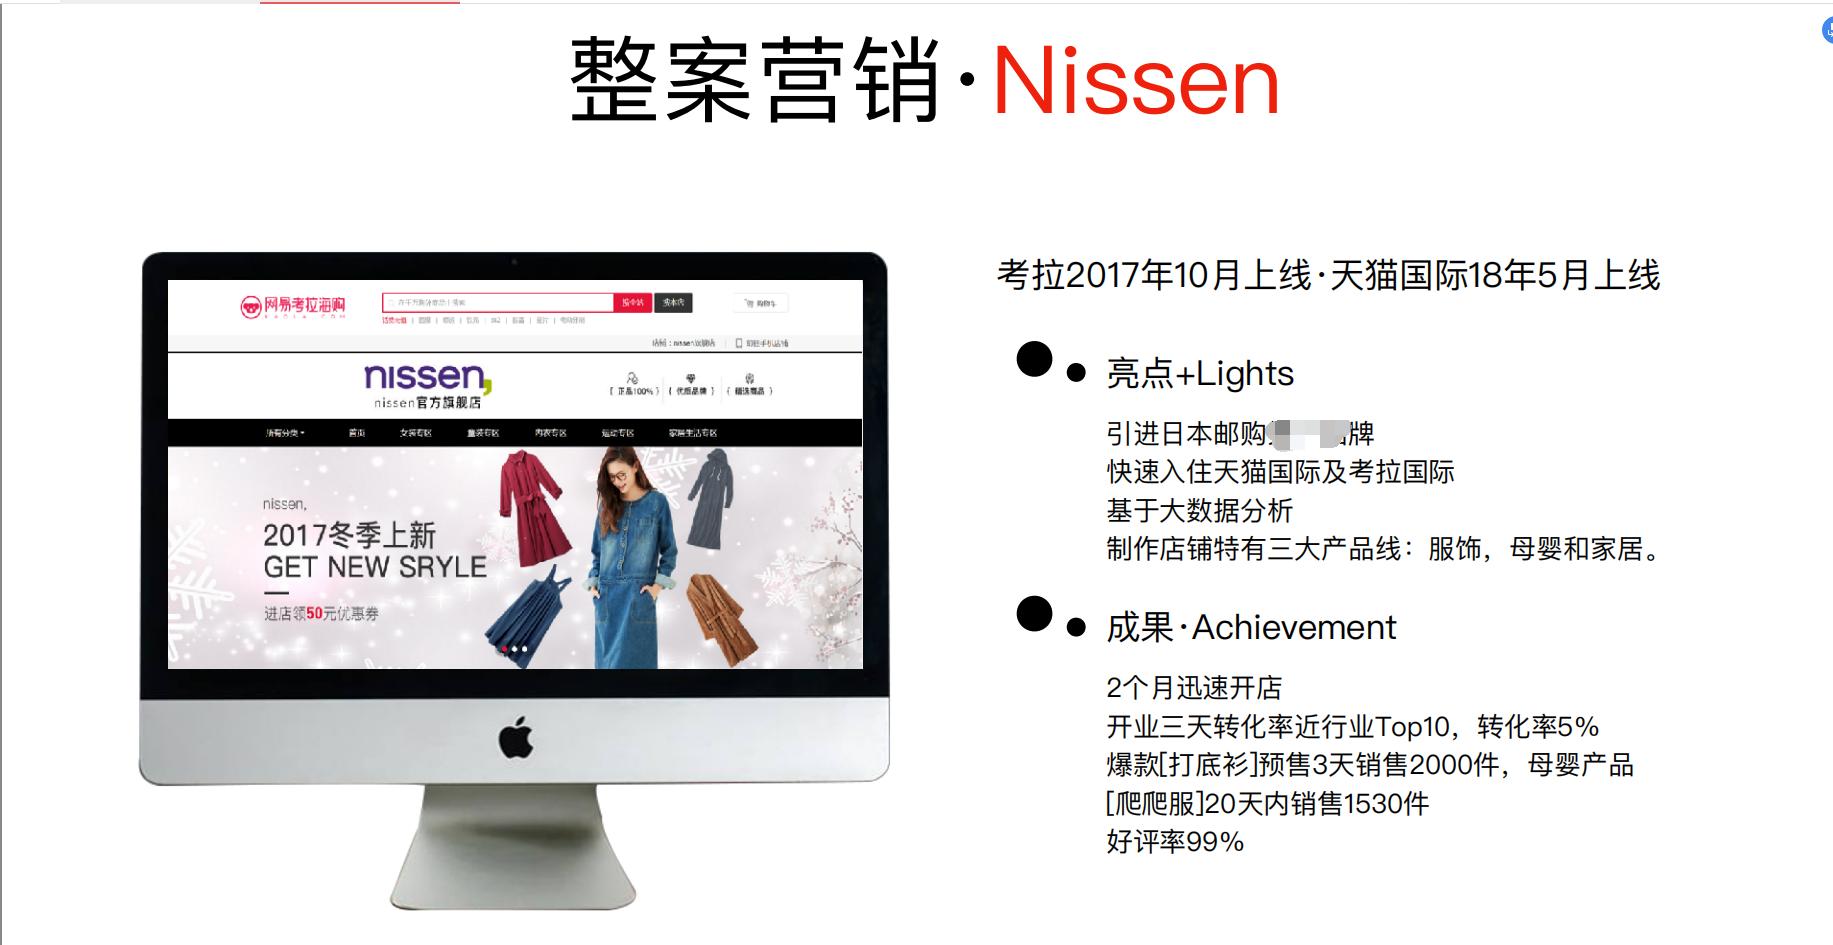 品牌公司企业产品网站整合网络营销策划全案口碑全网传播百度推广